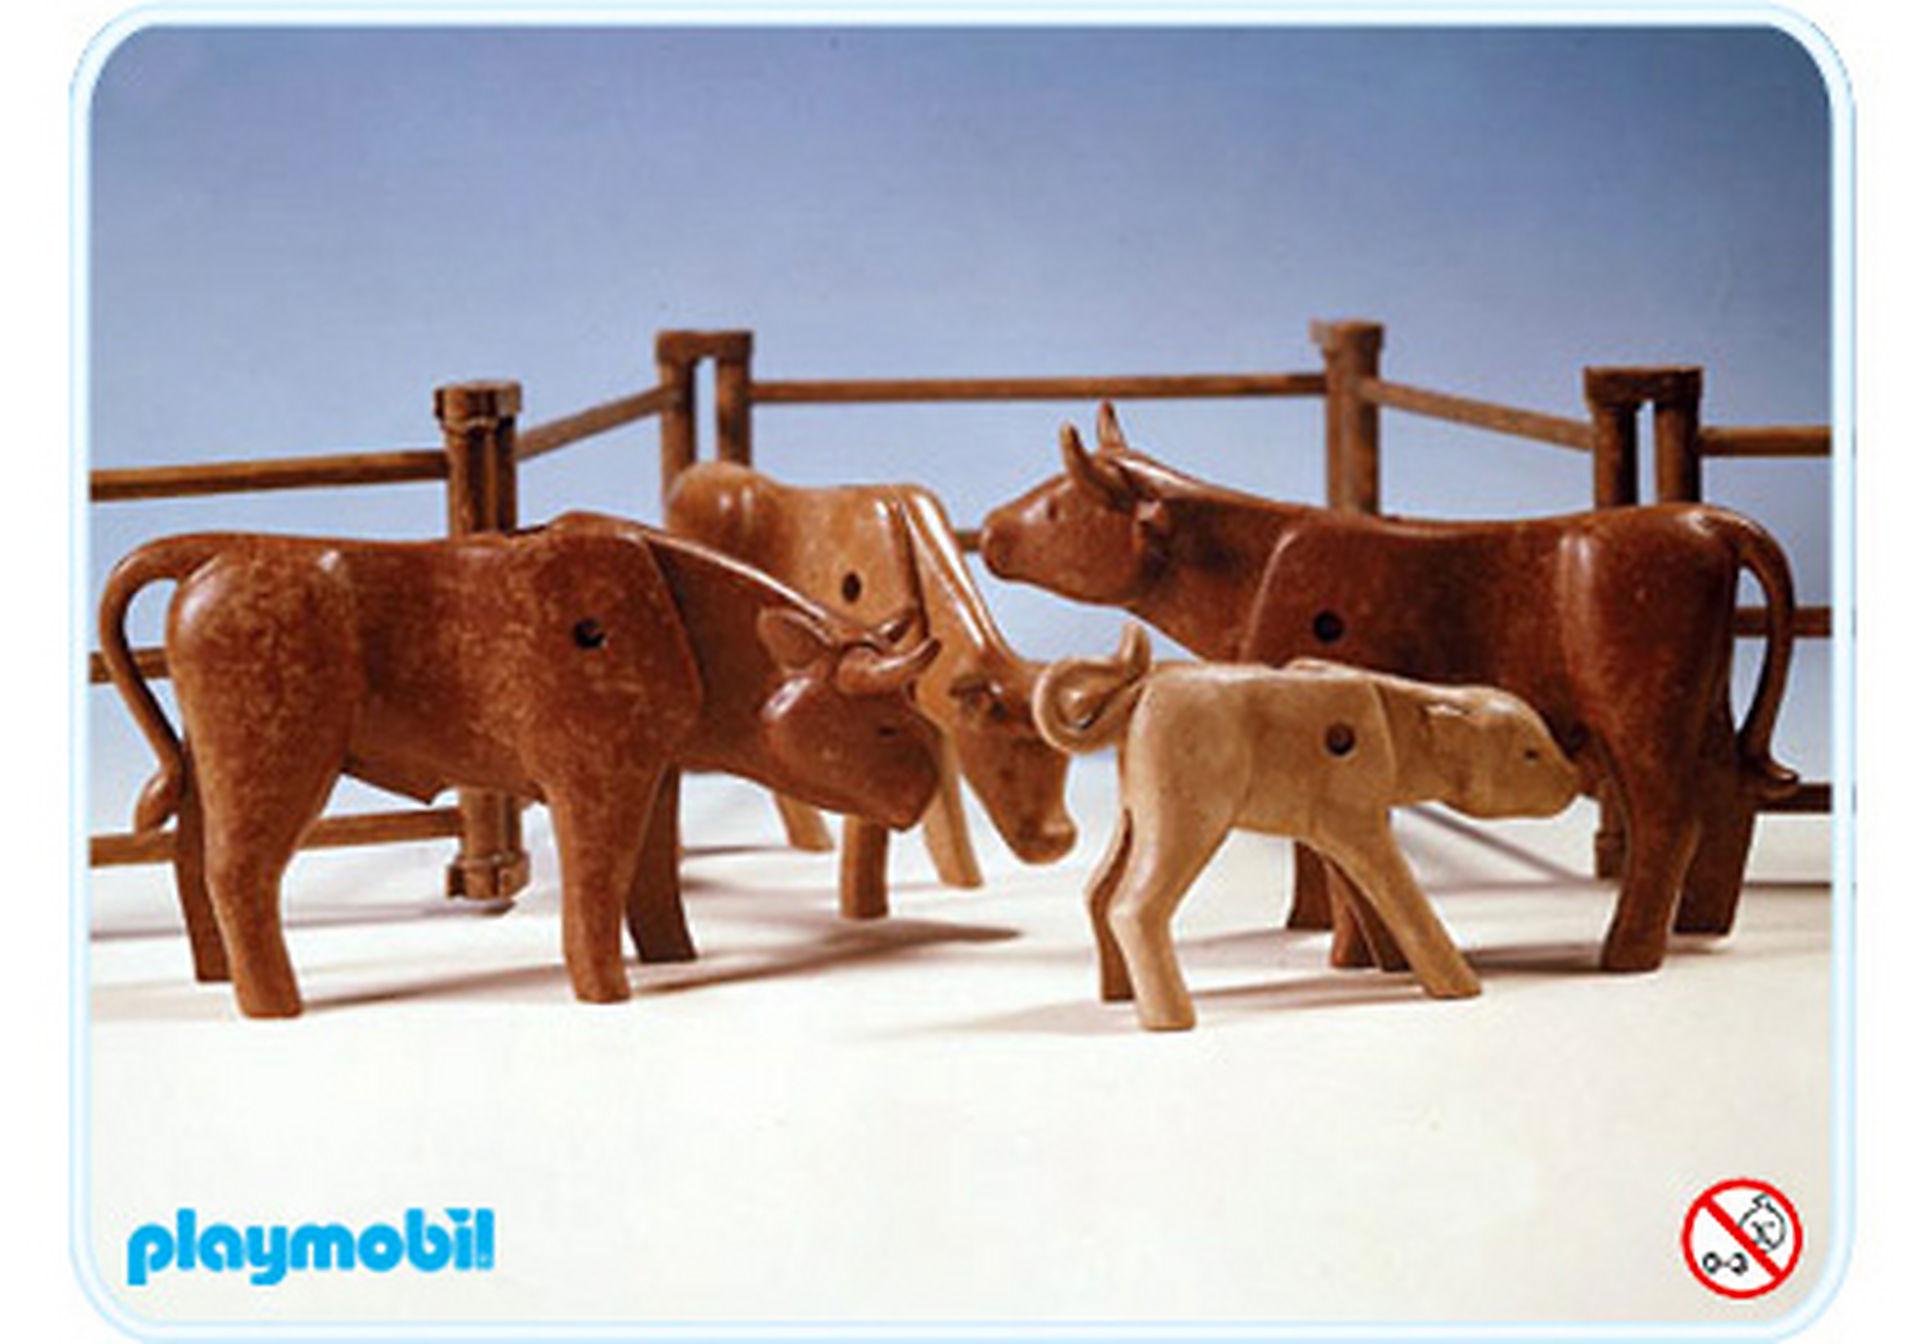 3275-A Rinder mit Gatter zoom image1